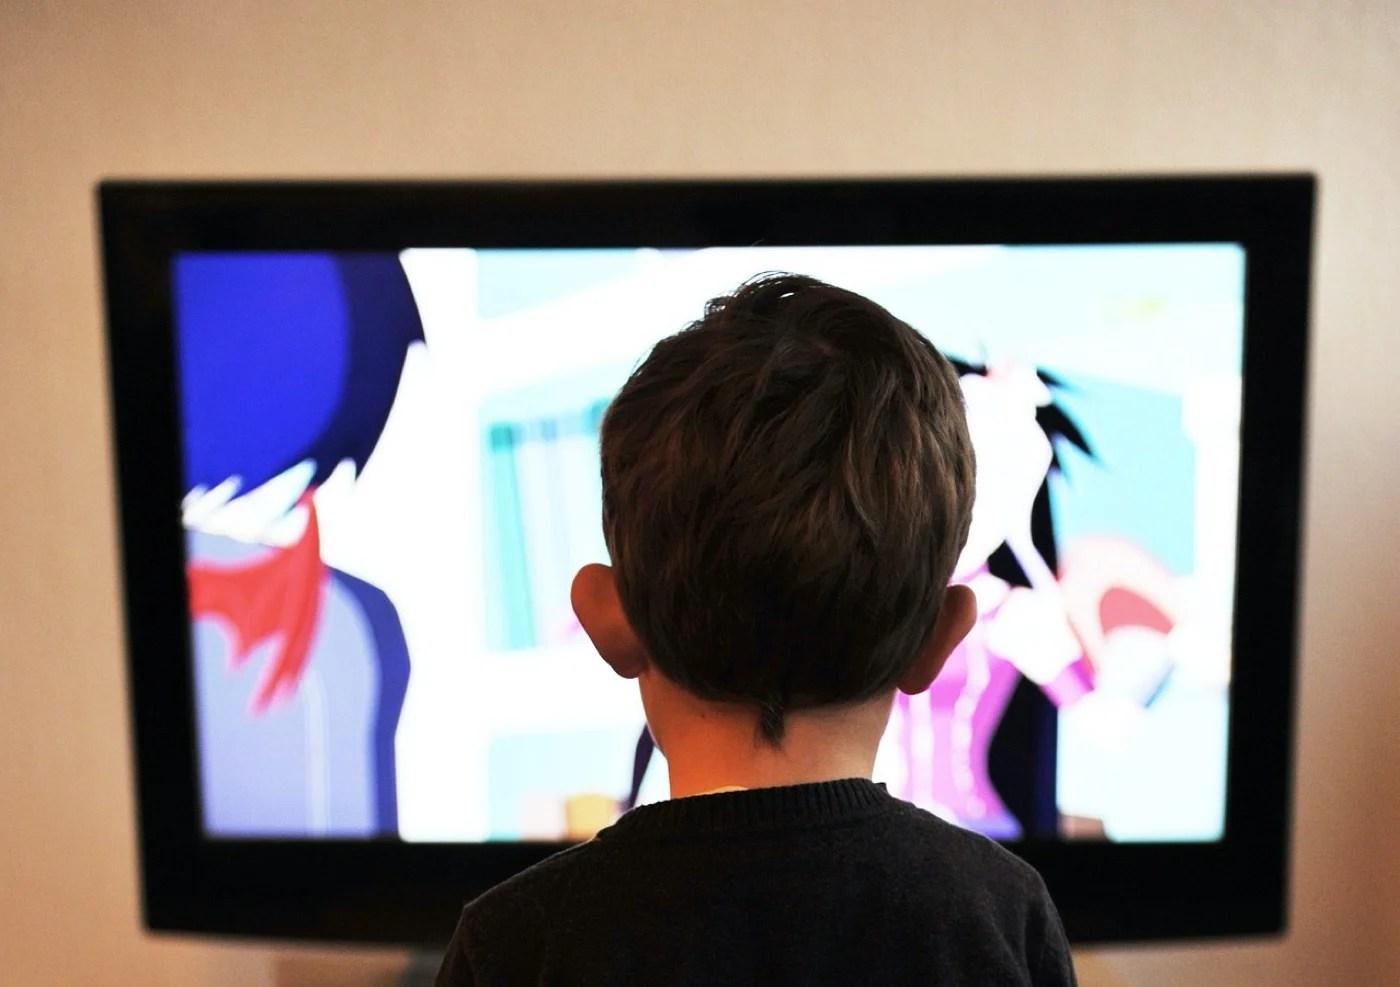 Netflix renforce son contrôle parental, voici les nouvelles fonctionnalités